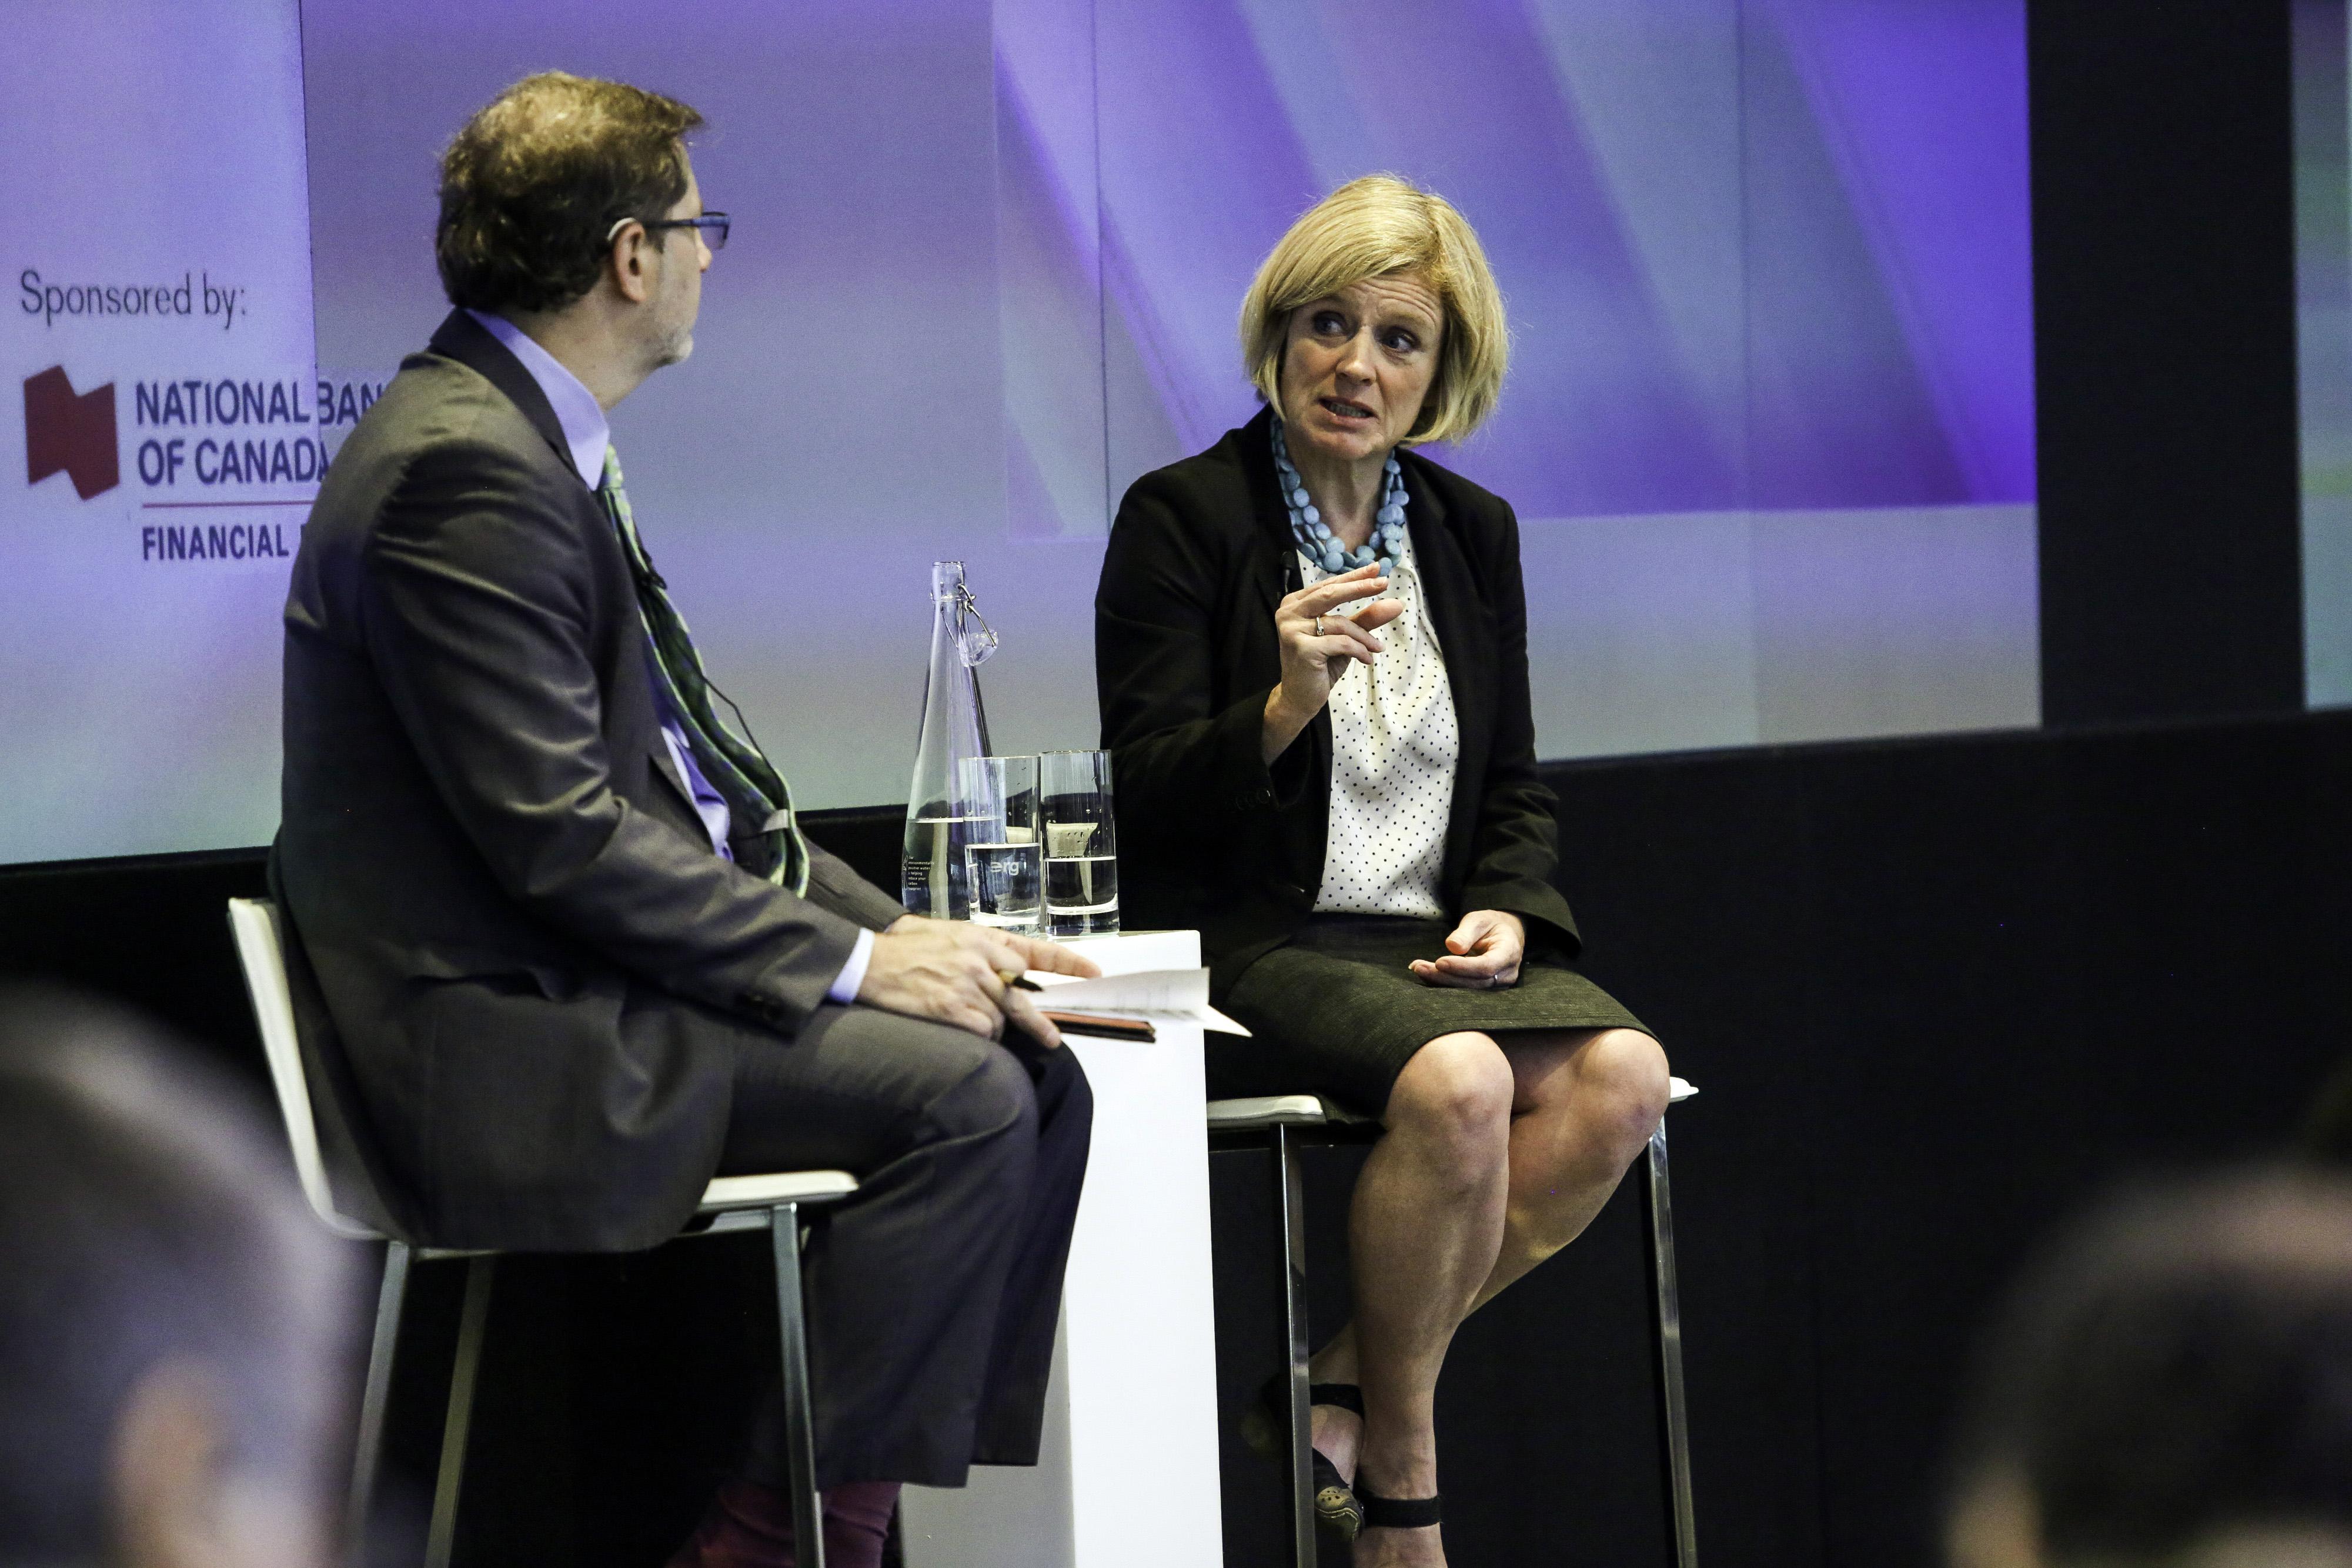 Alberta Premier Rachel Notley Interview